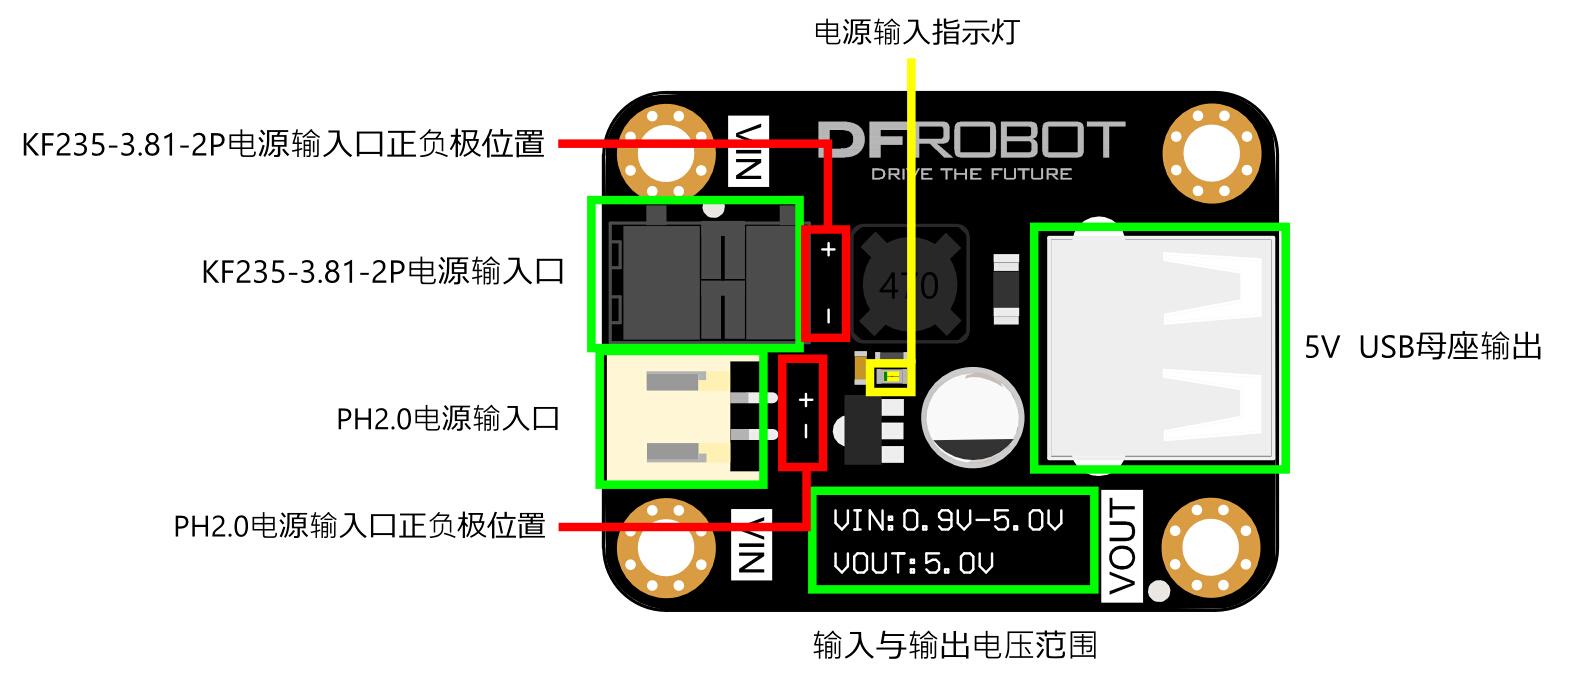 DC-DC boost module接口说明示意图